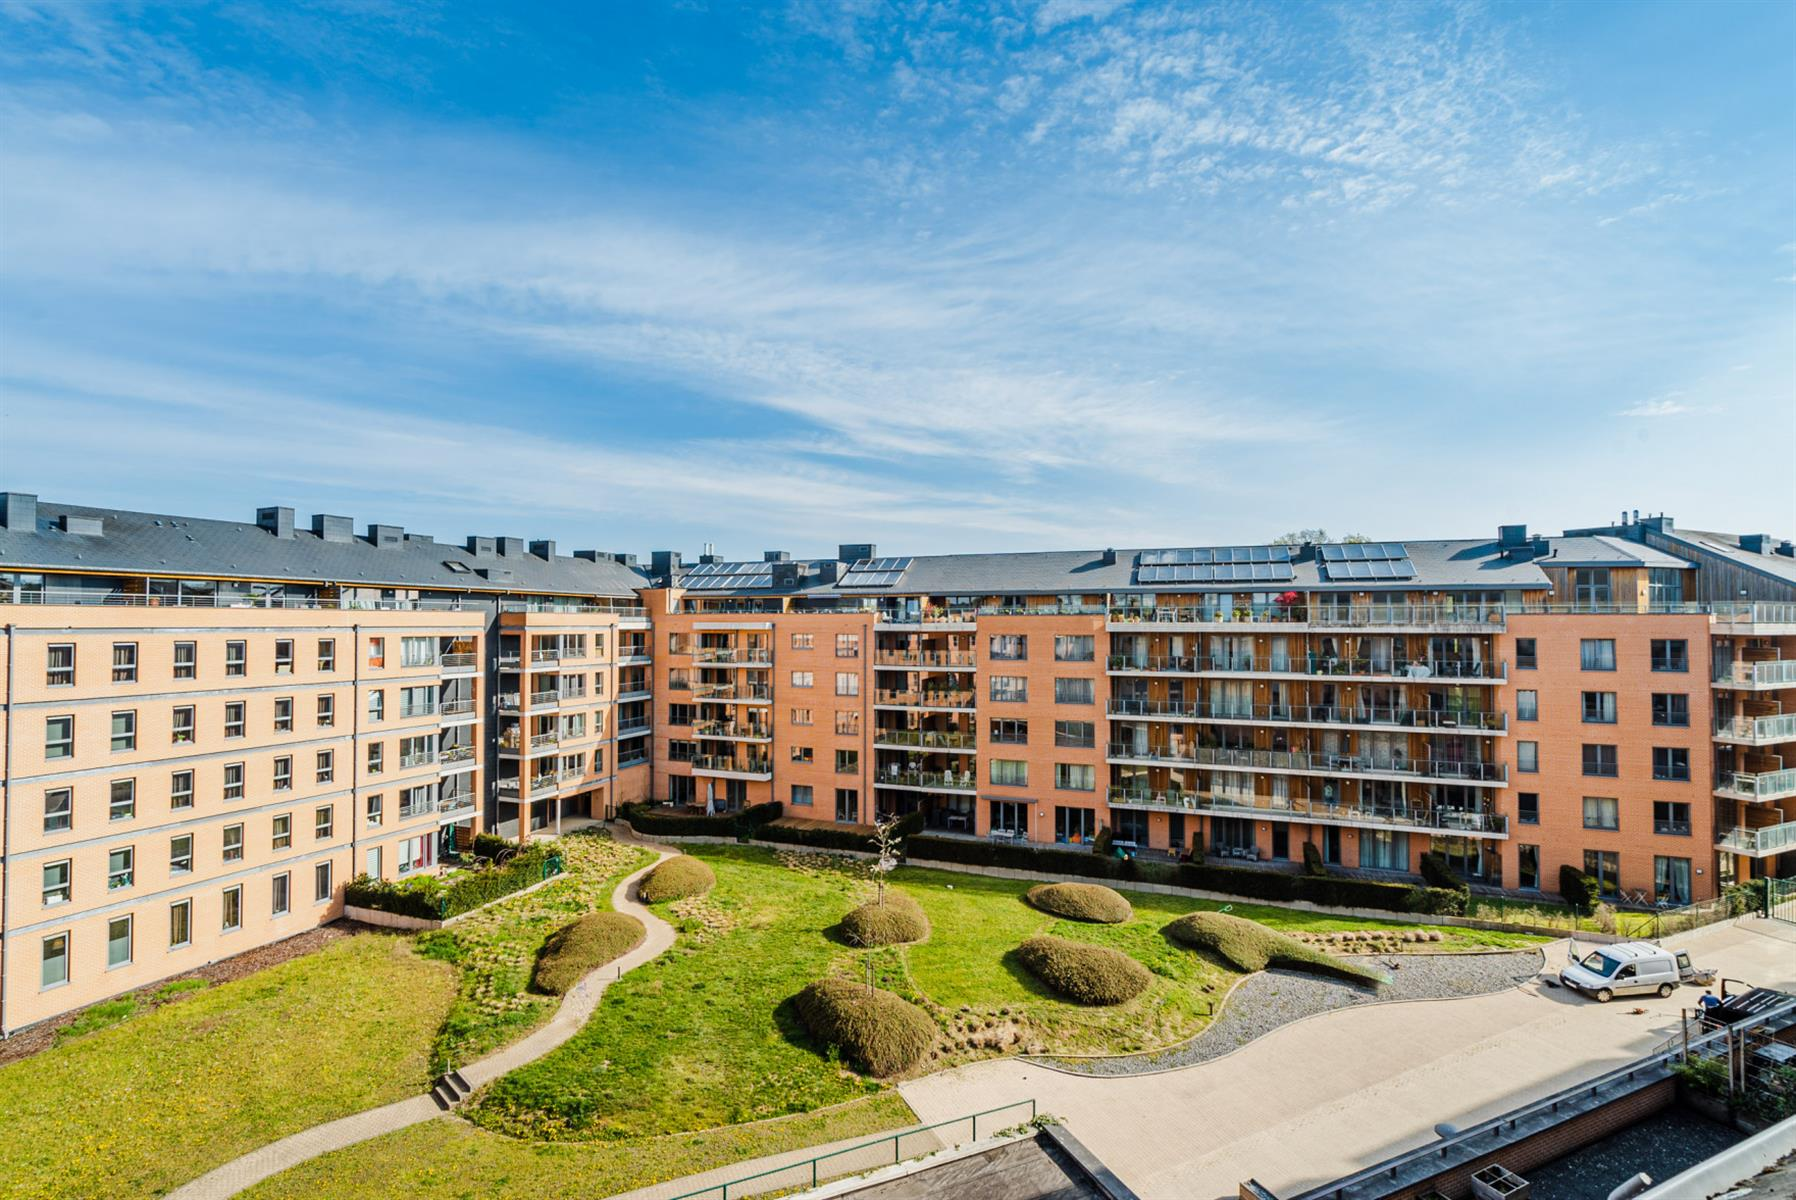 Appartement - Ottignies-louvain-la-neuve - #4342720-1